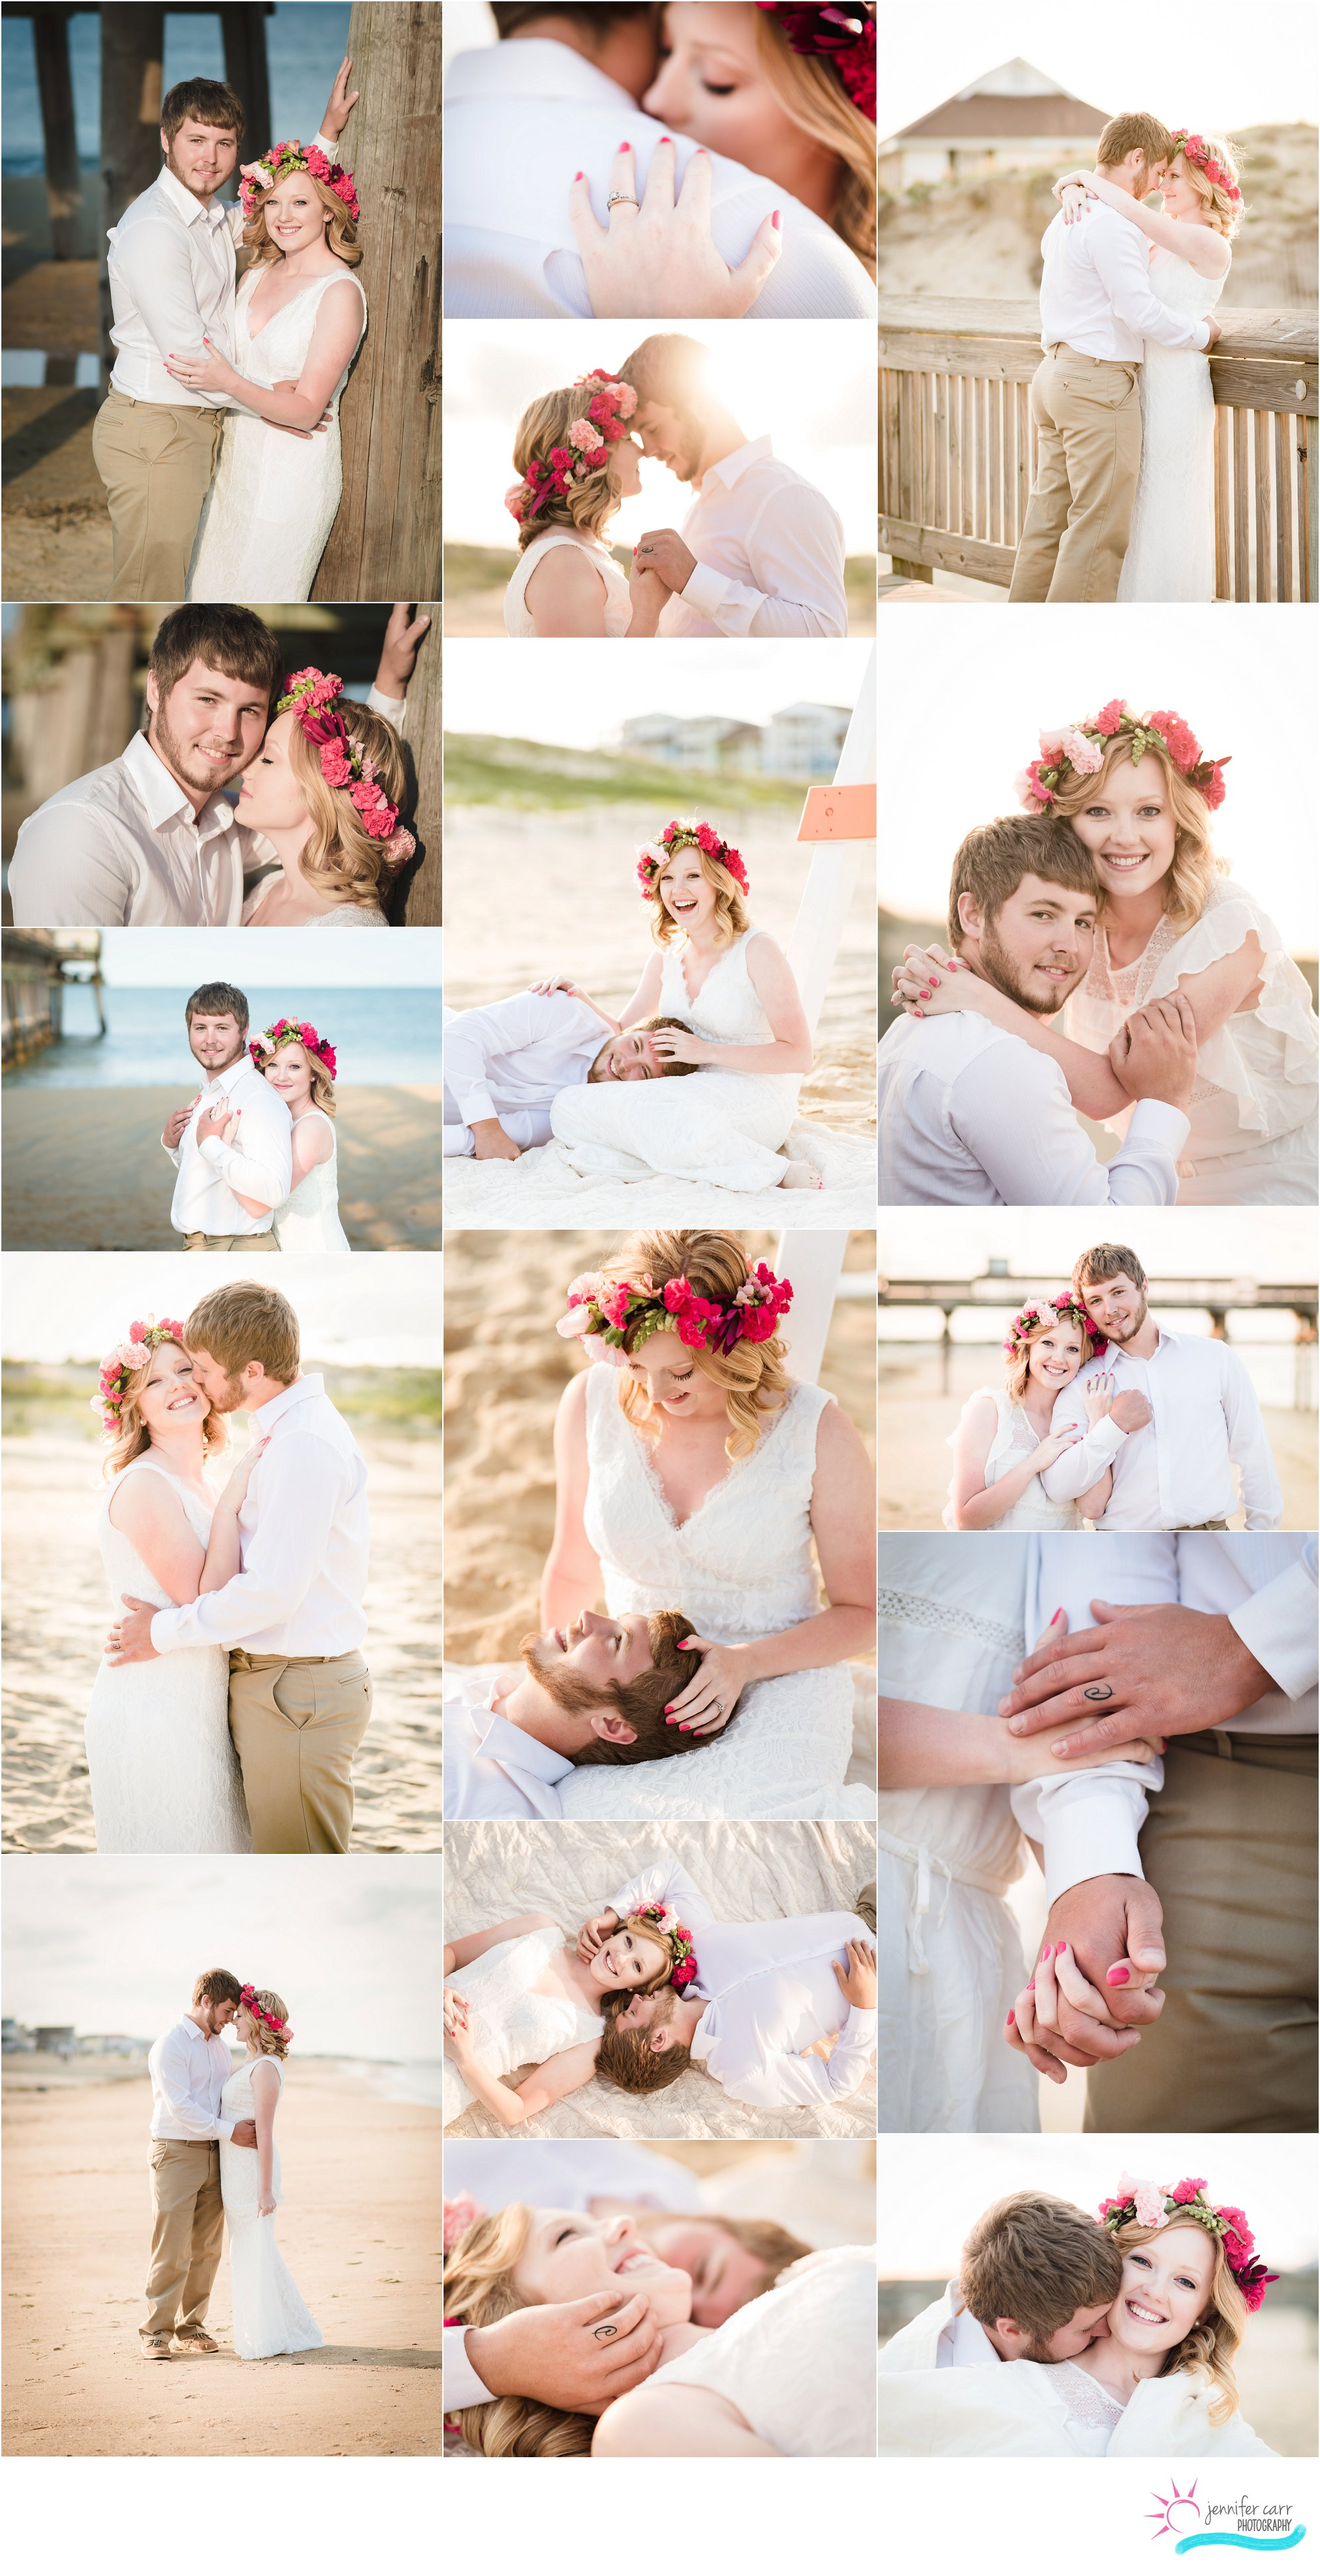 弗吉尼亚海滩情侣肖像,私奔摄影师,订婚照片,结婚照